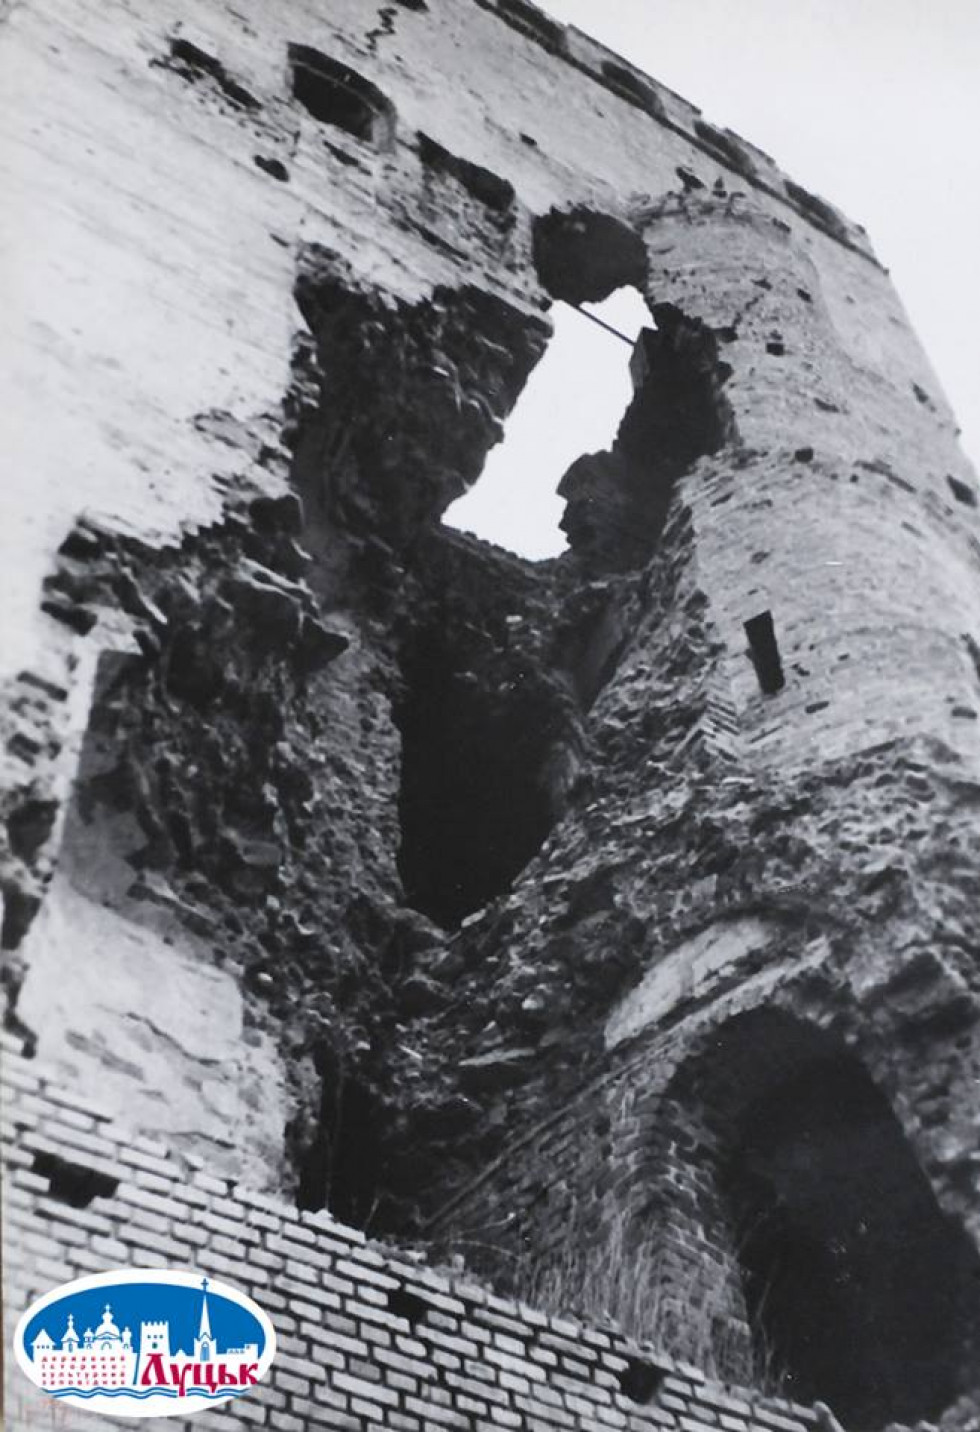 Як виглядав Луцький замок до реставрації